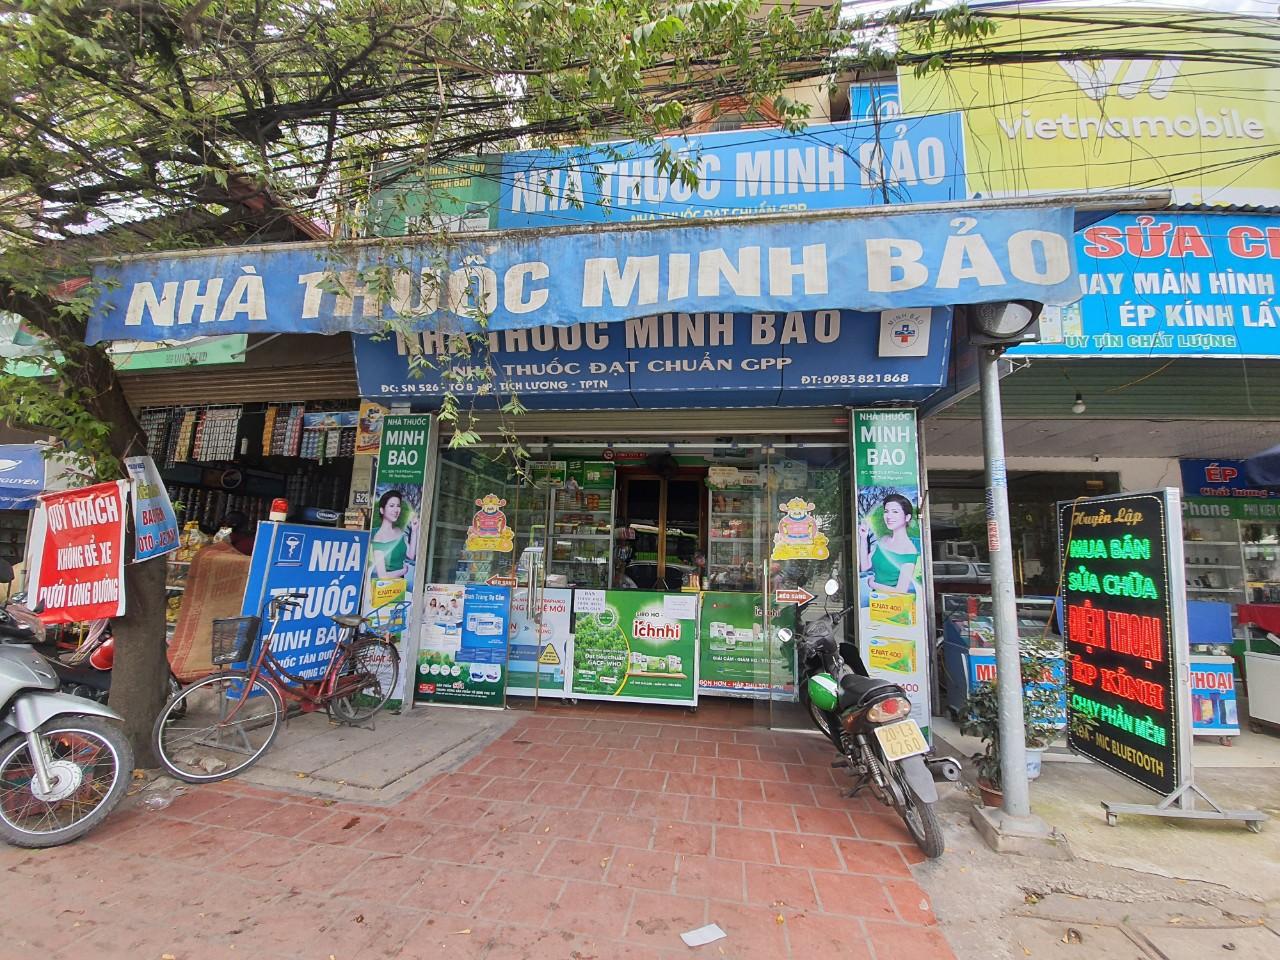 NT Minh Bảo